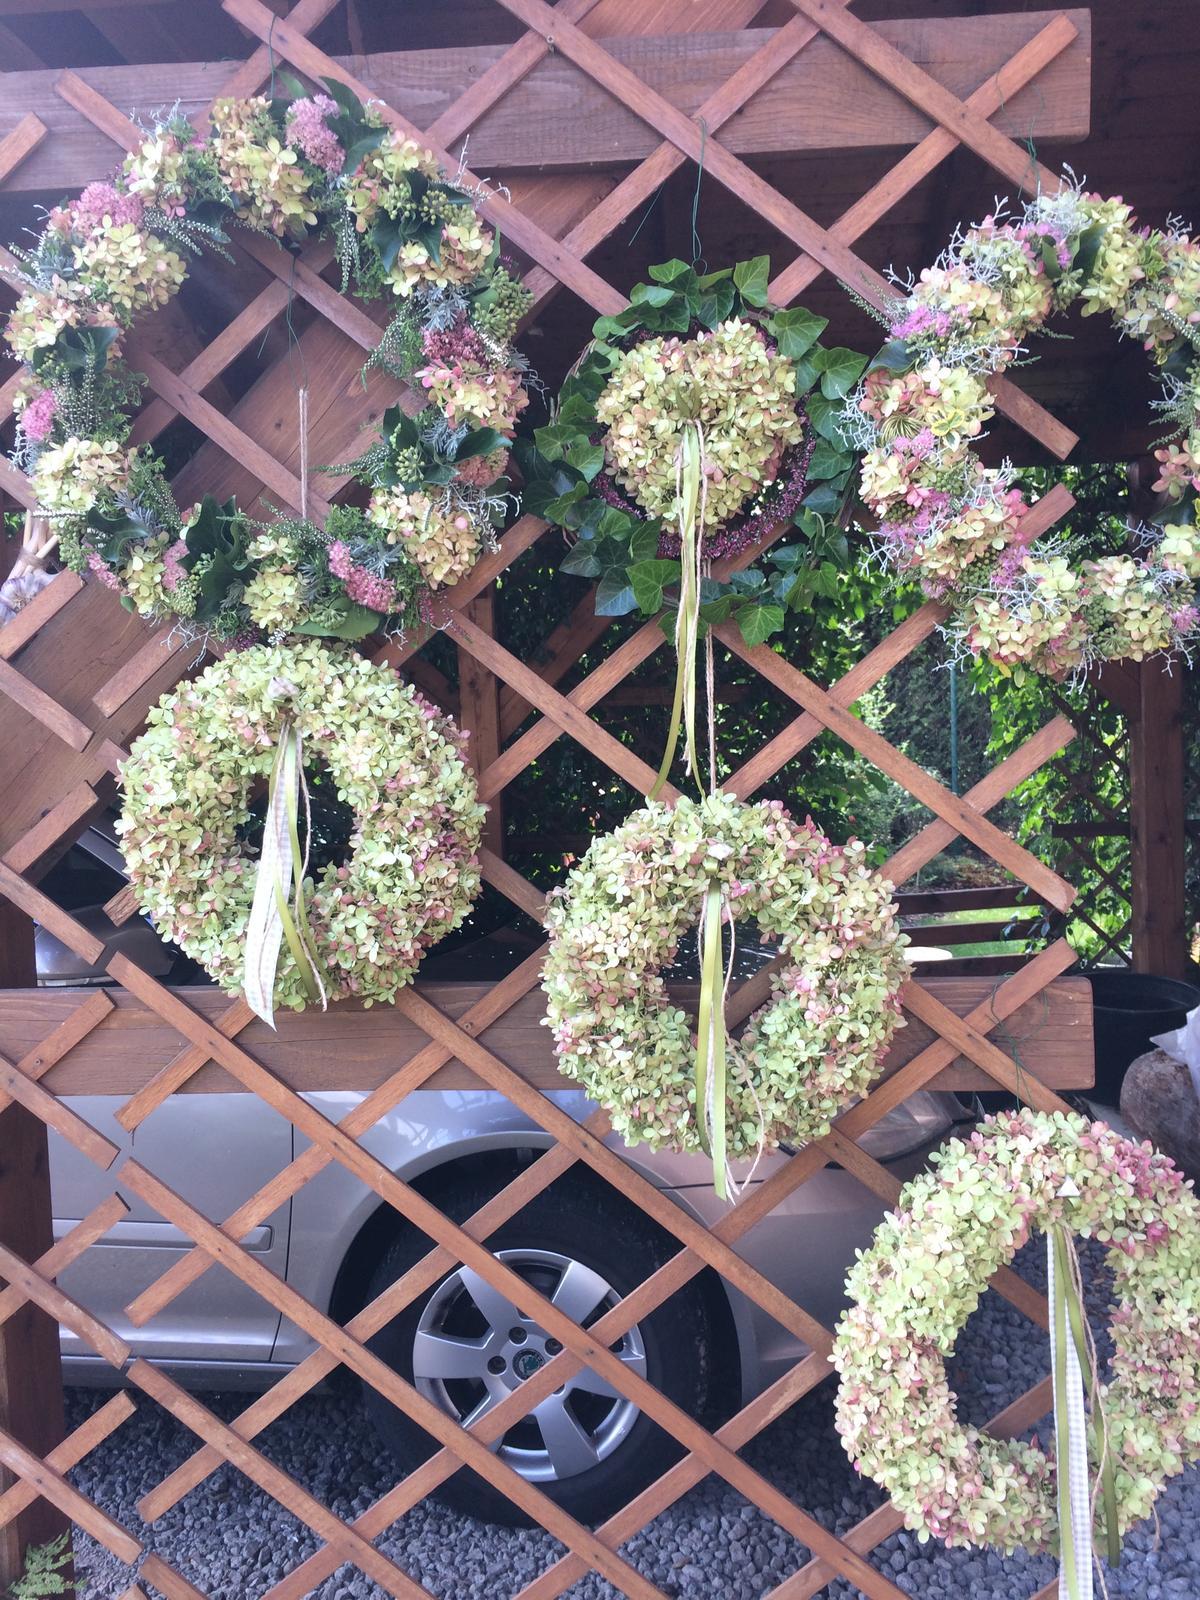 Dekorace z květin Pro radost - Chystala jsem ceny do tomboly. Poprvé jsem dělala tolik věnců najednou....